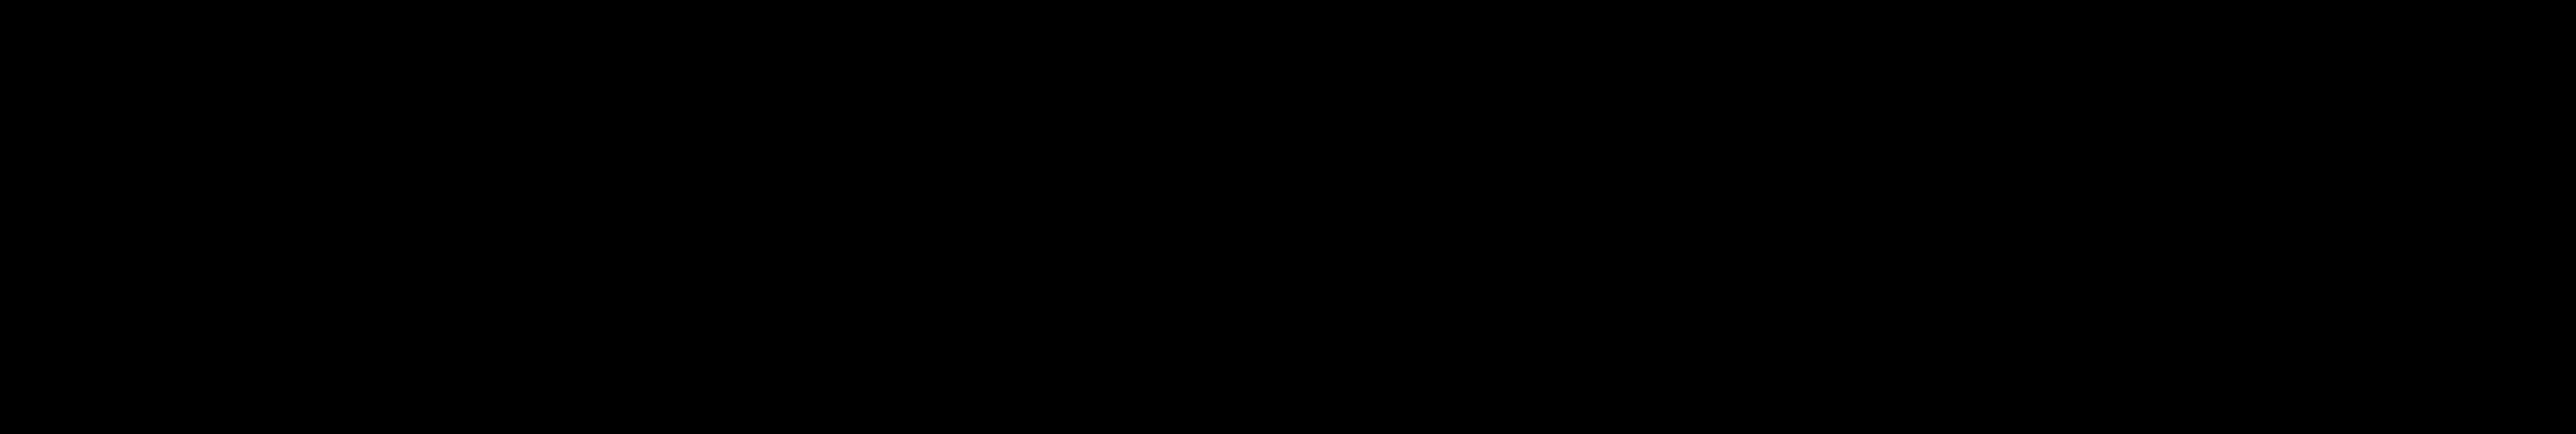 Prodyna